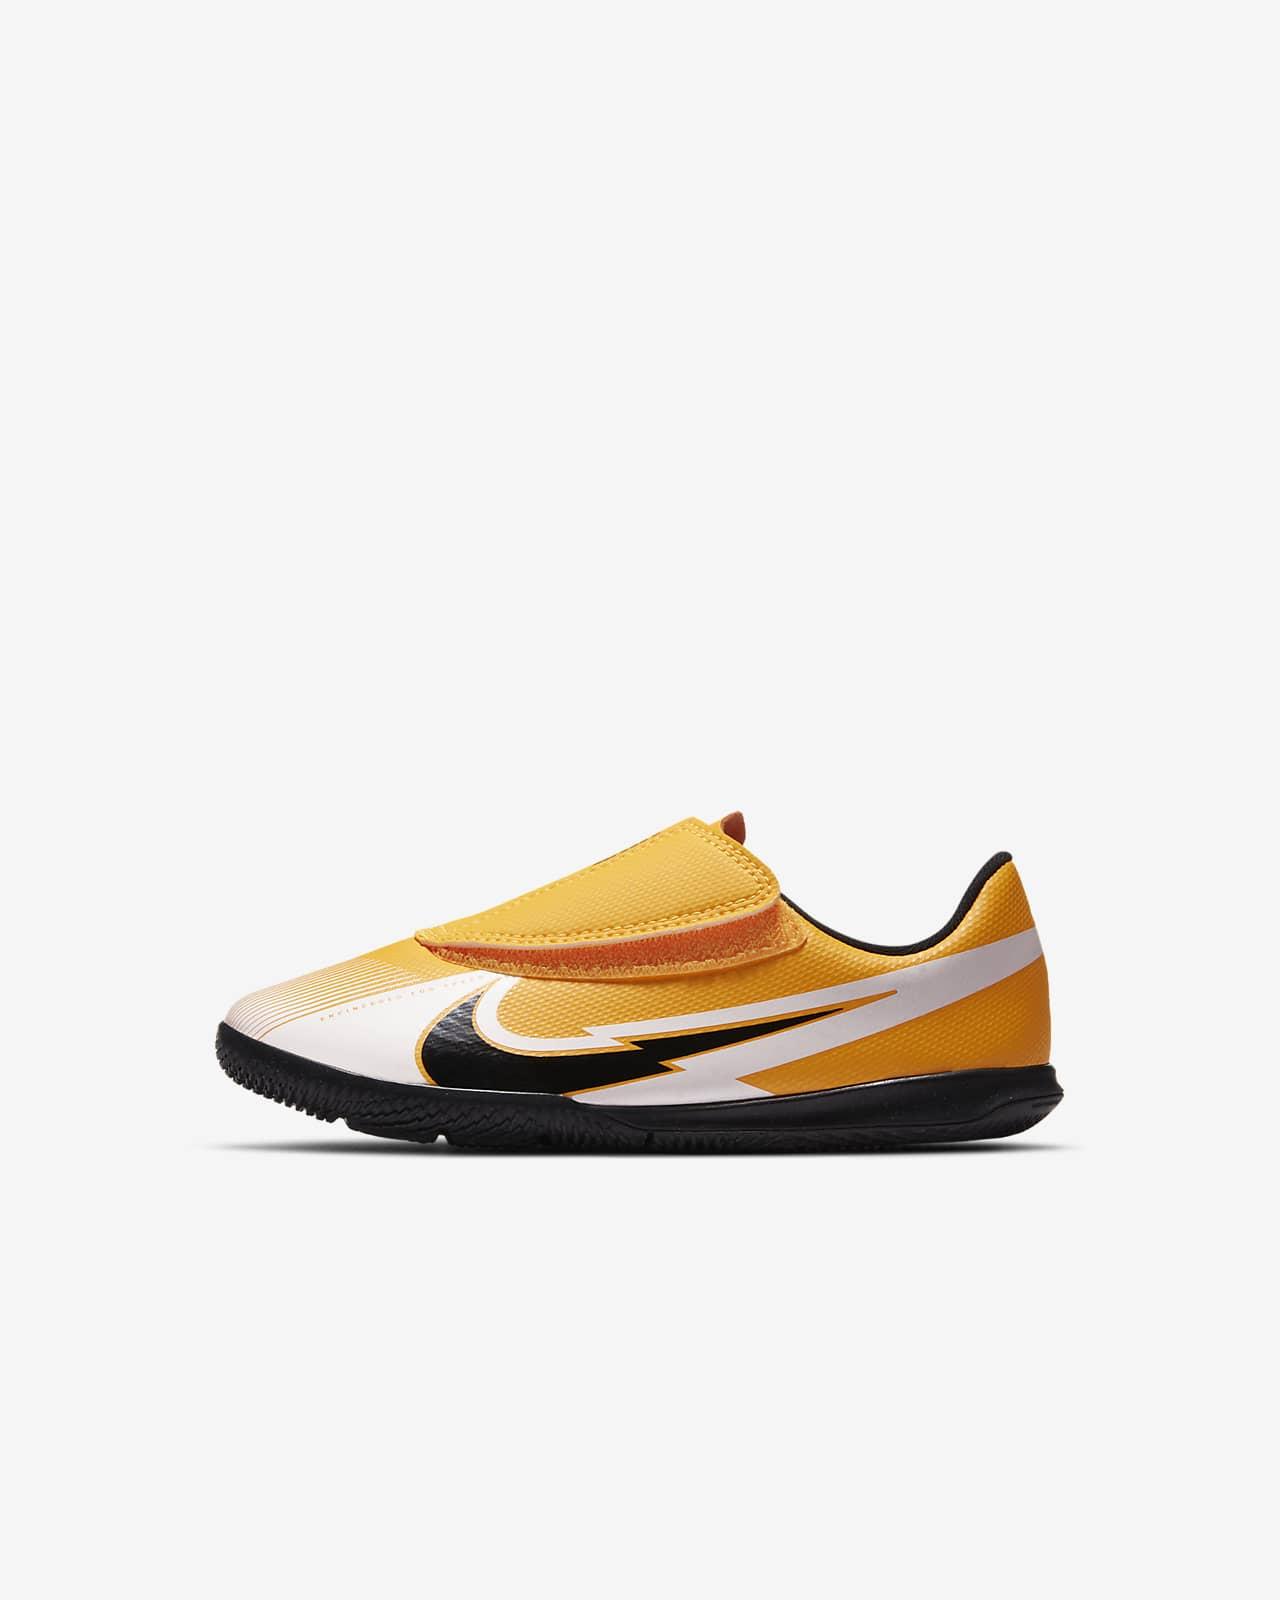 Halowe buty piłkarskie dla maluchów / małych dzieci Nike Jr. Mercurial Vapor 13 Club IC